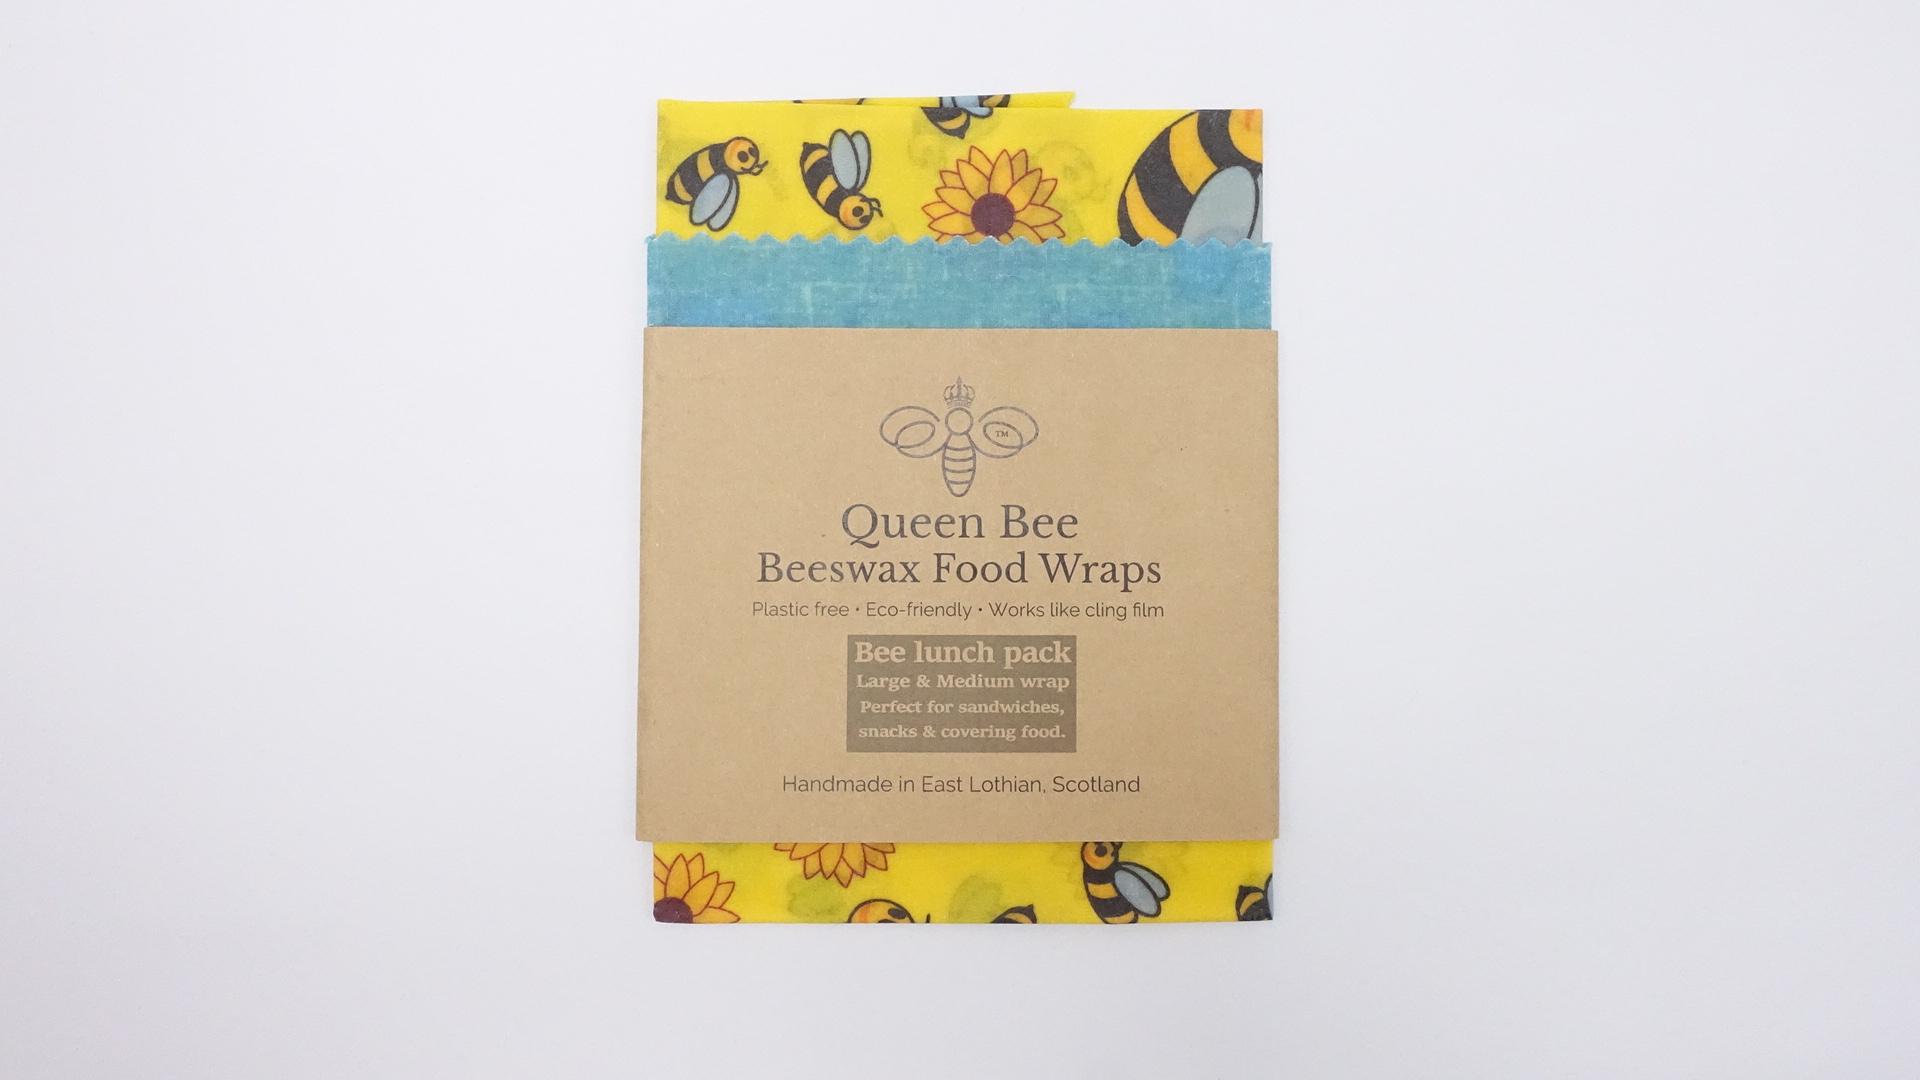 Queen Bee Beeswax Wrap - Bee